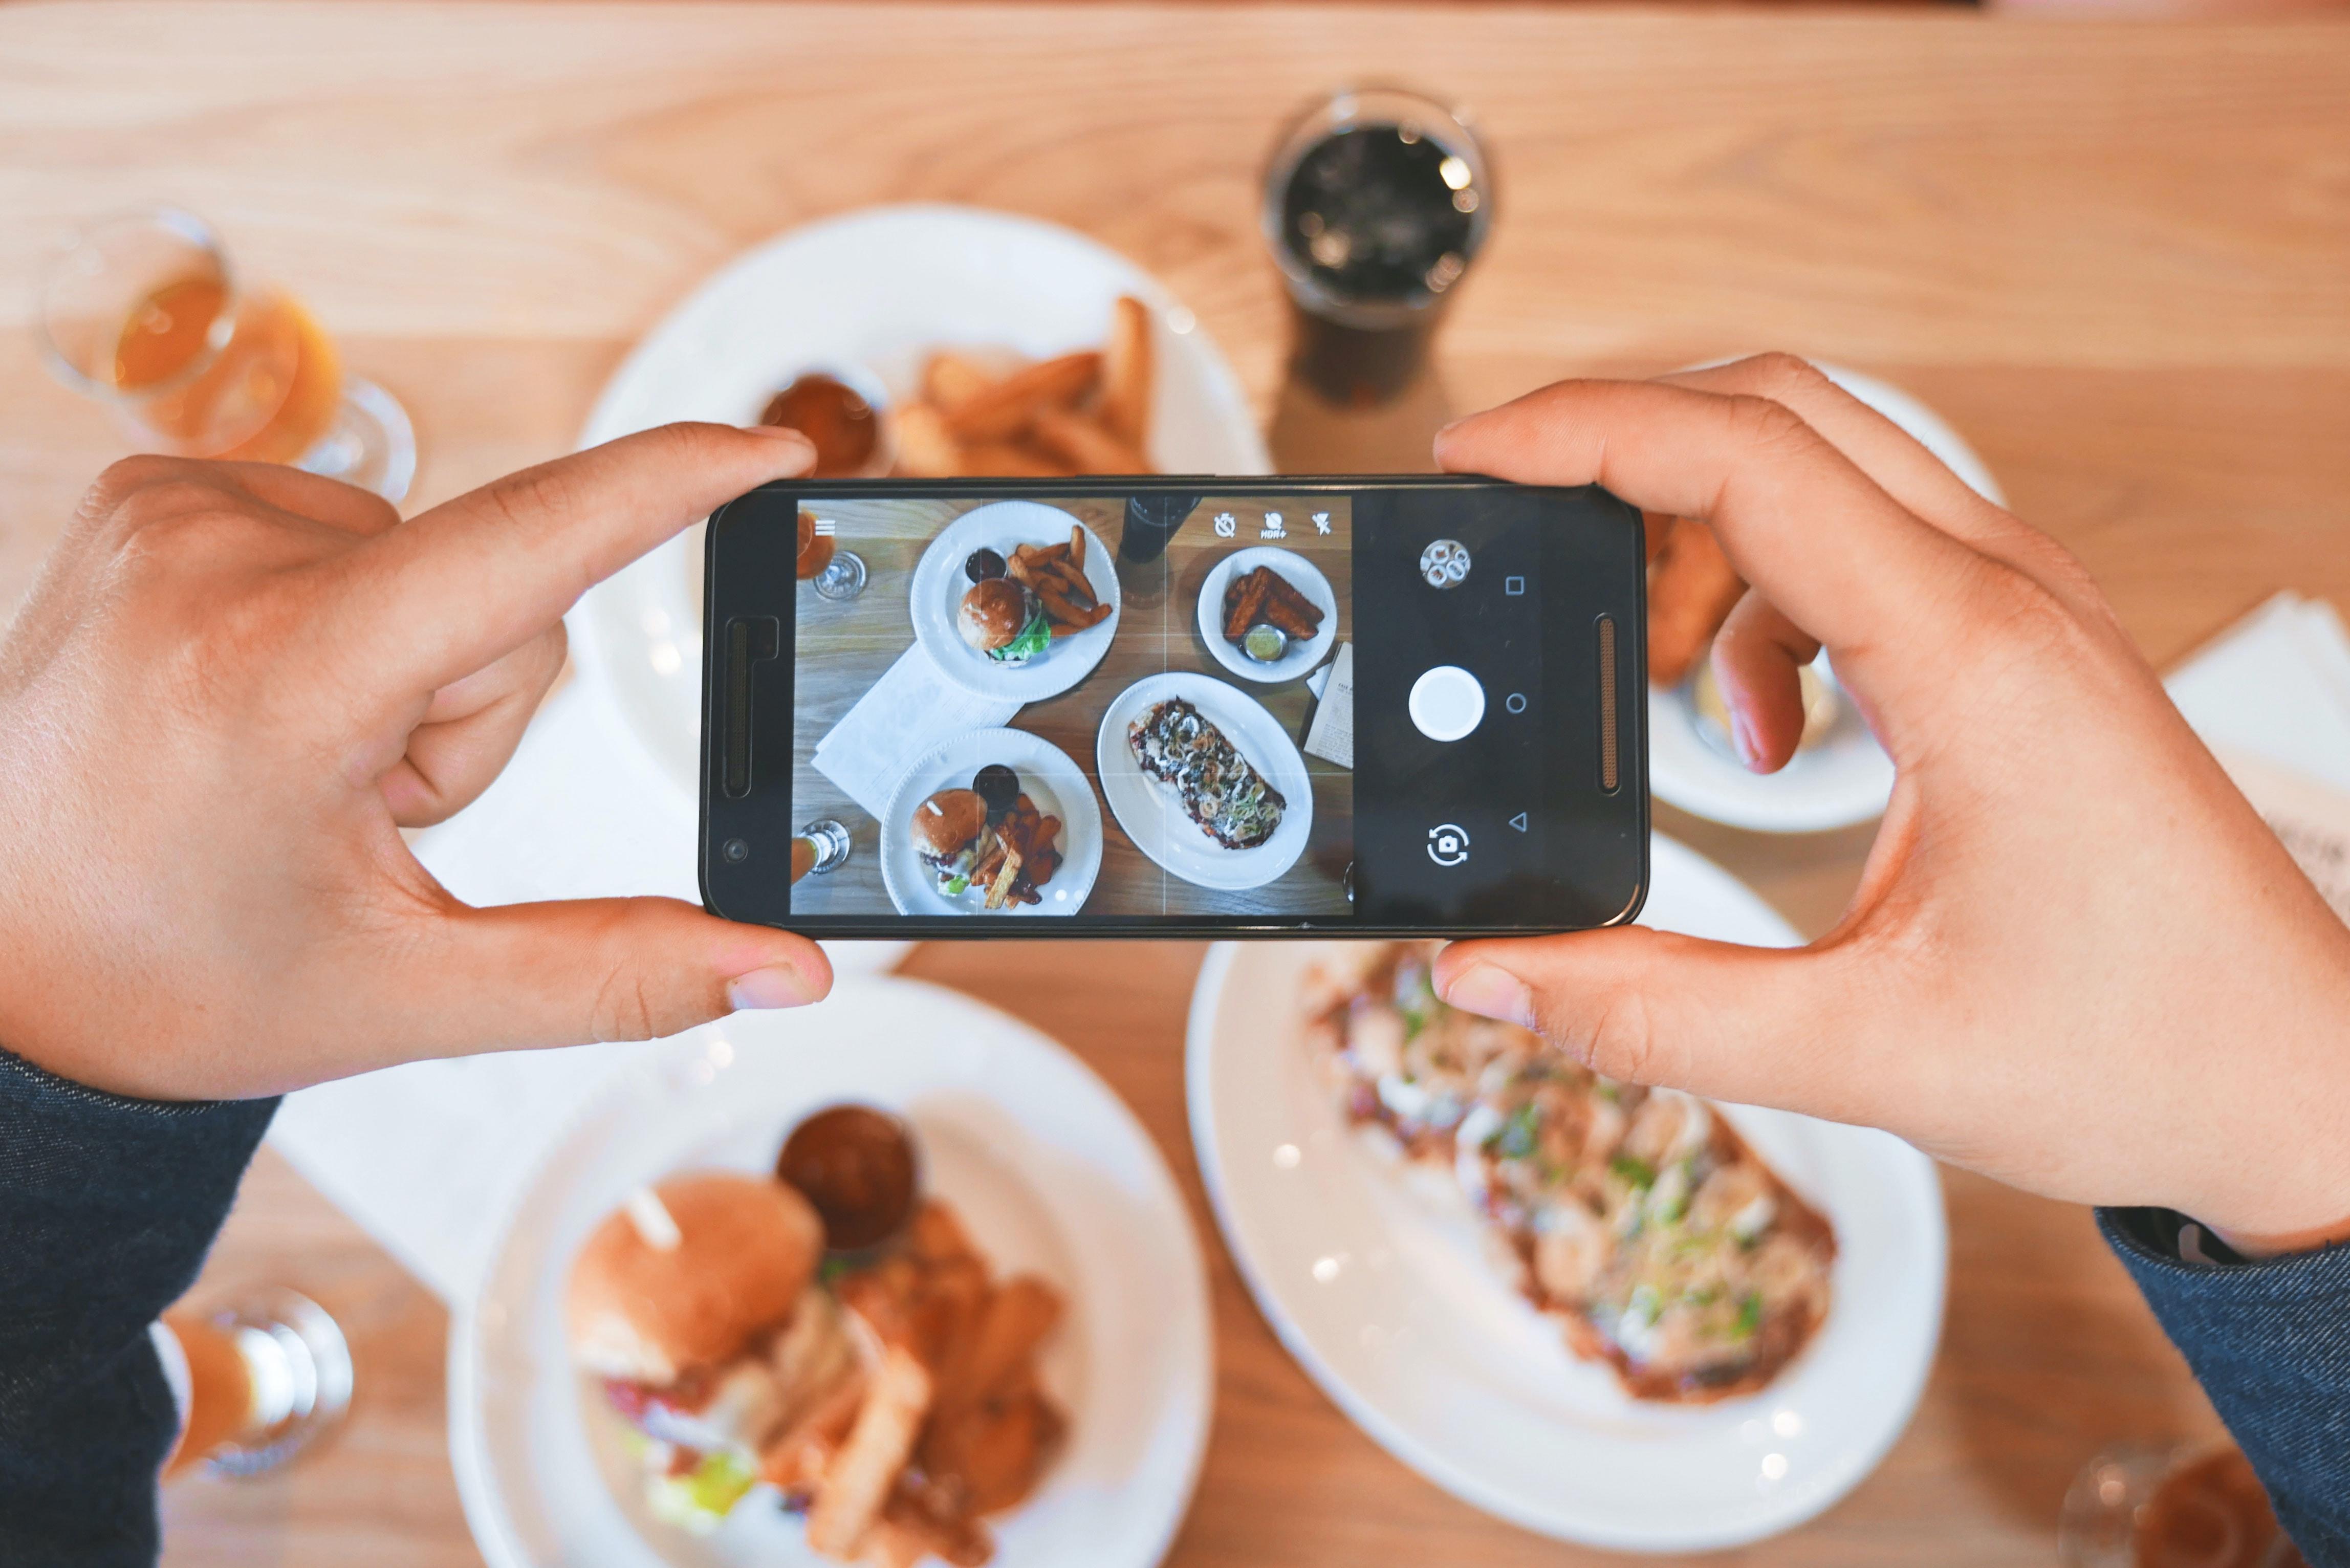 Social media fasts